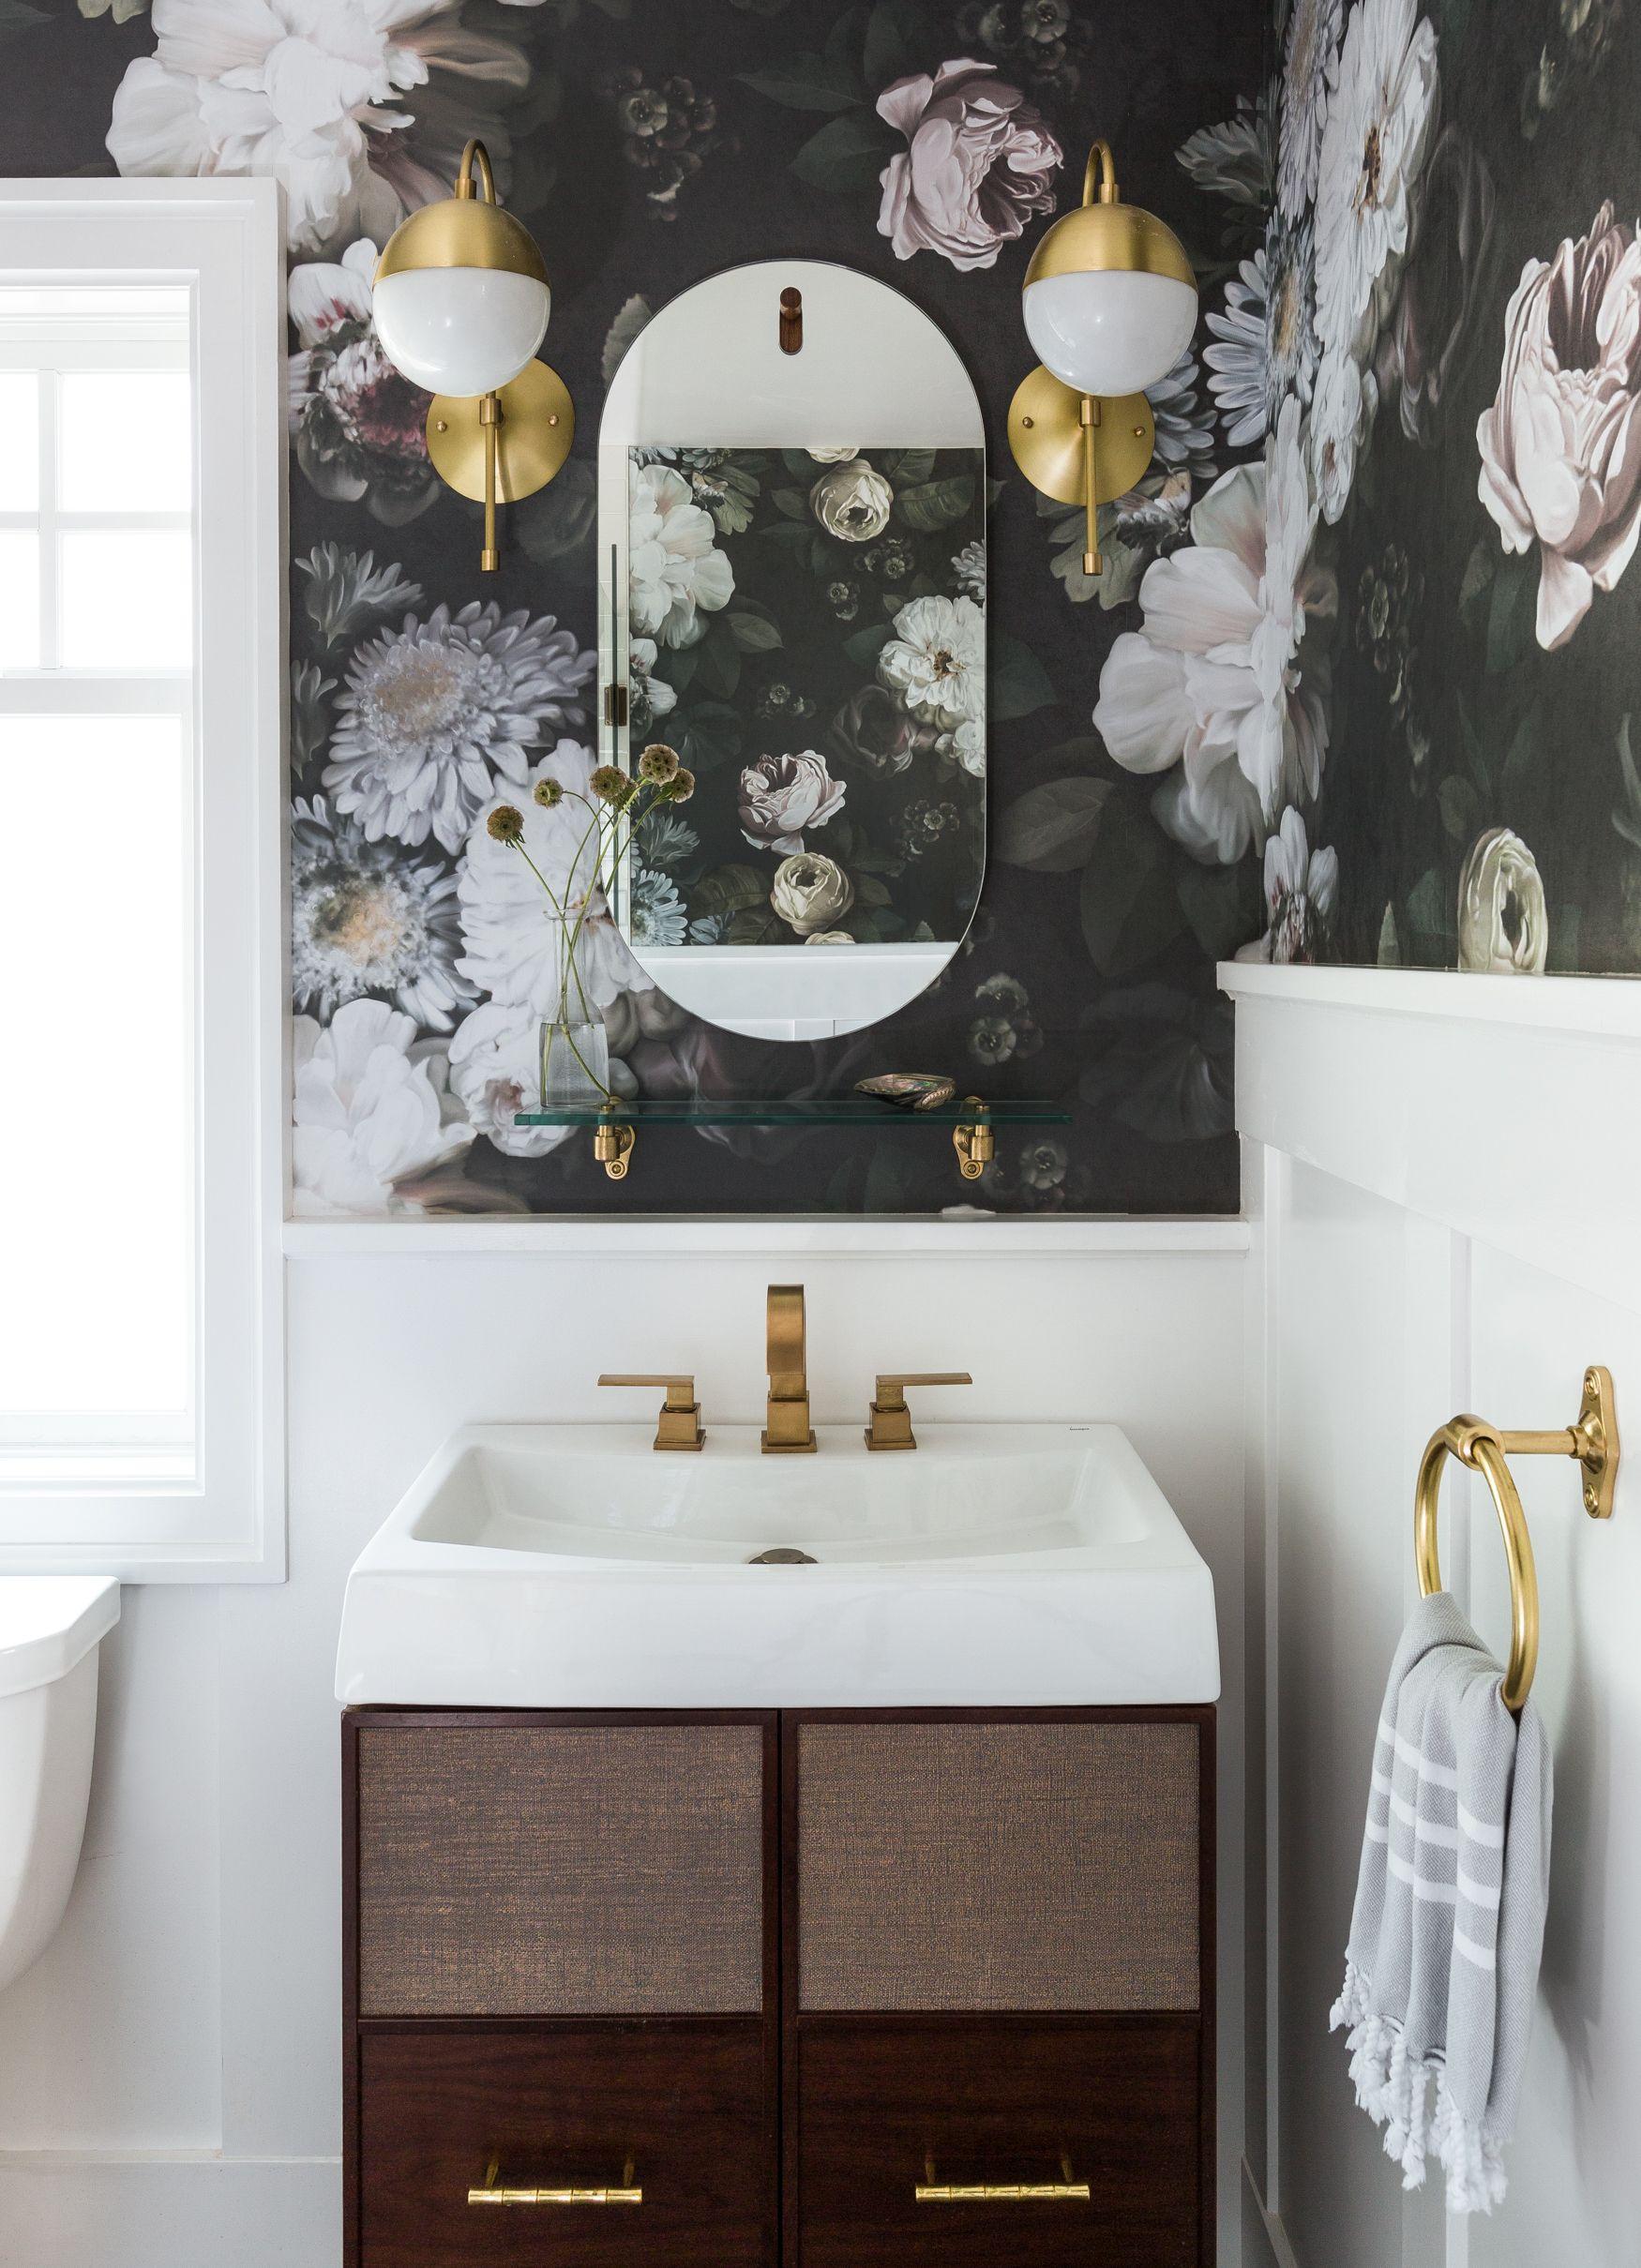 Leschi Four Square Renovation By Brio Interior Design Bathroom Wallpaper Half Bathroom Parisian Bathroom